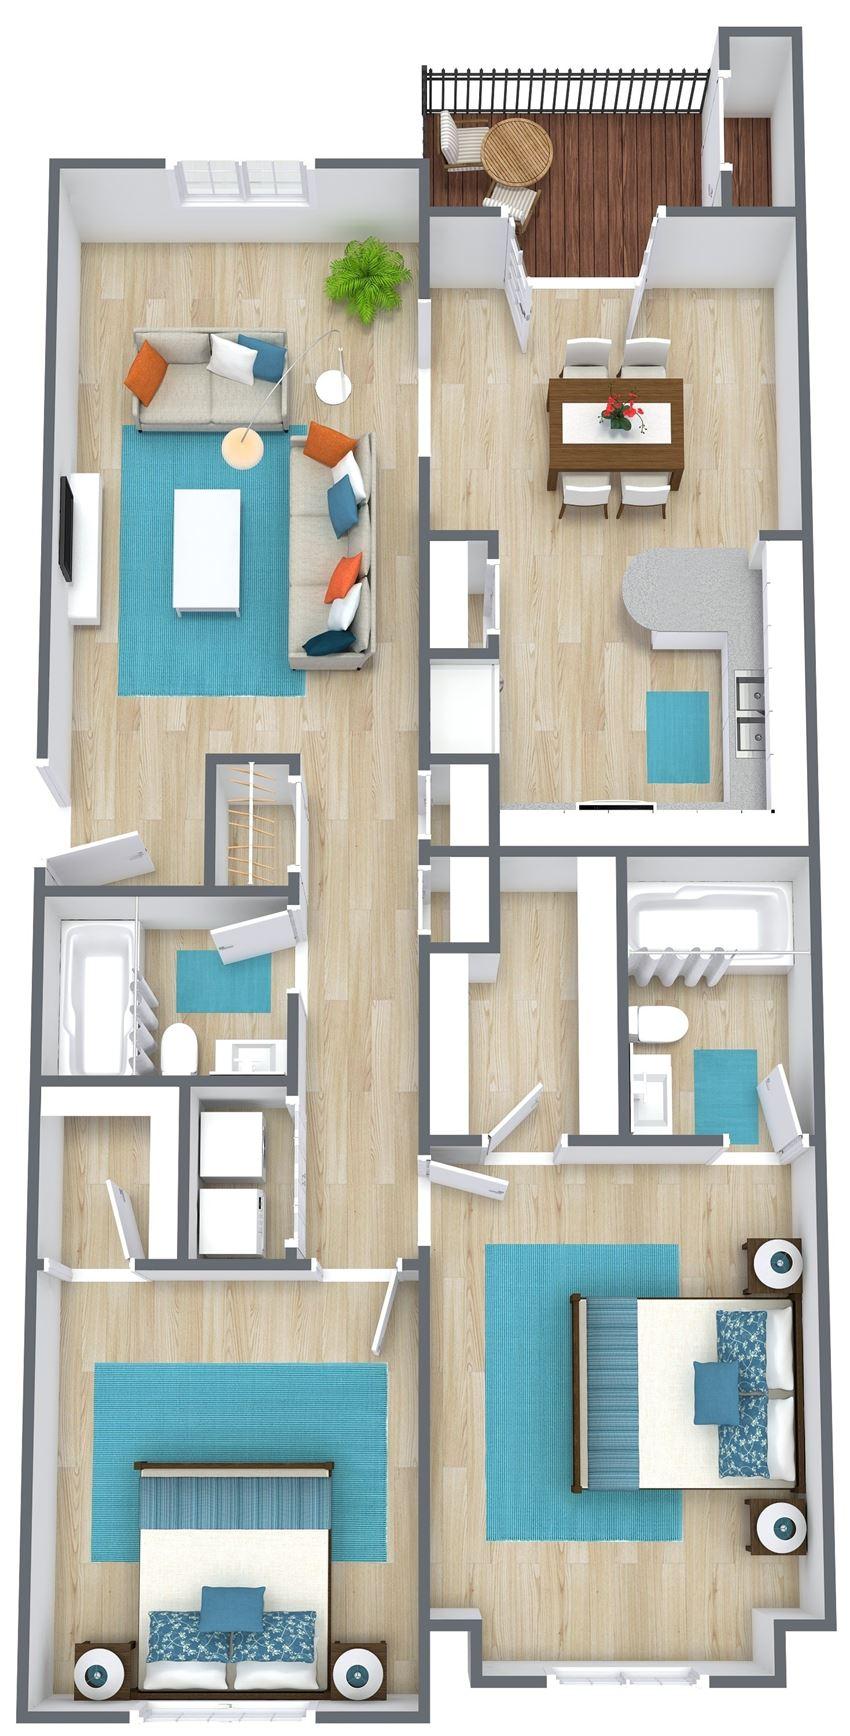 3D floor plan of two bedroom